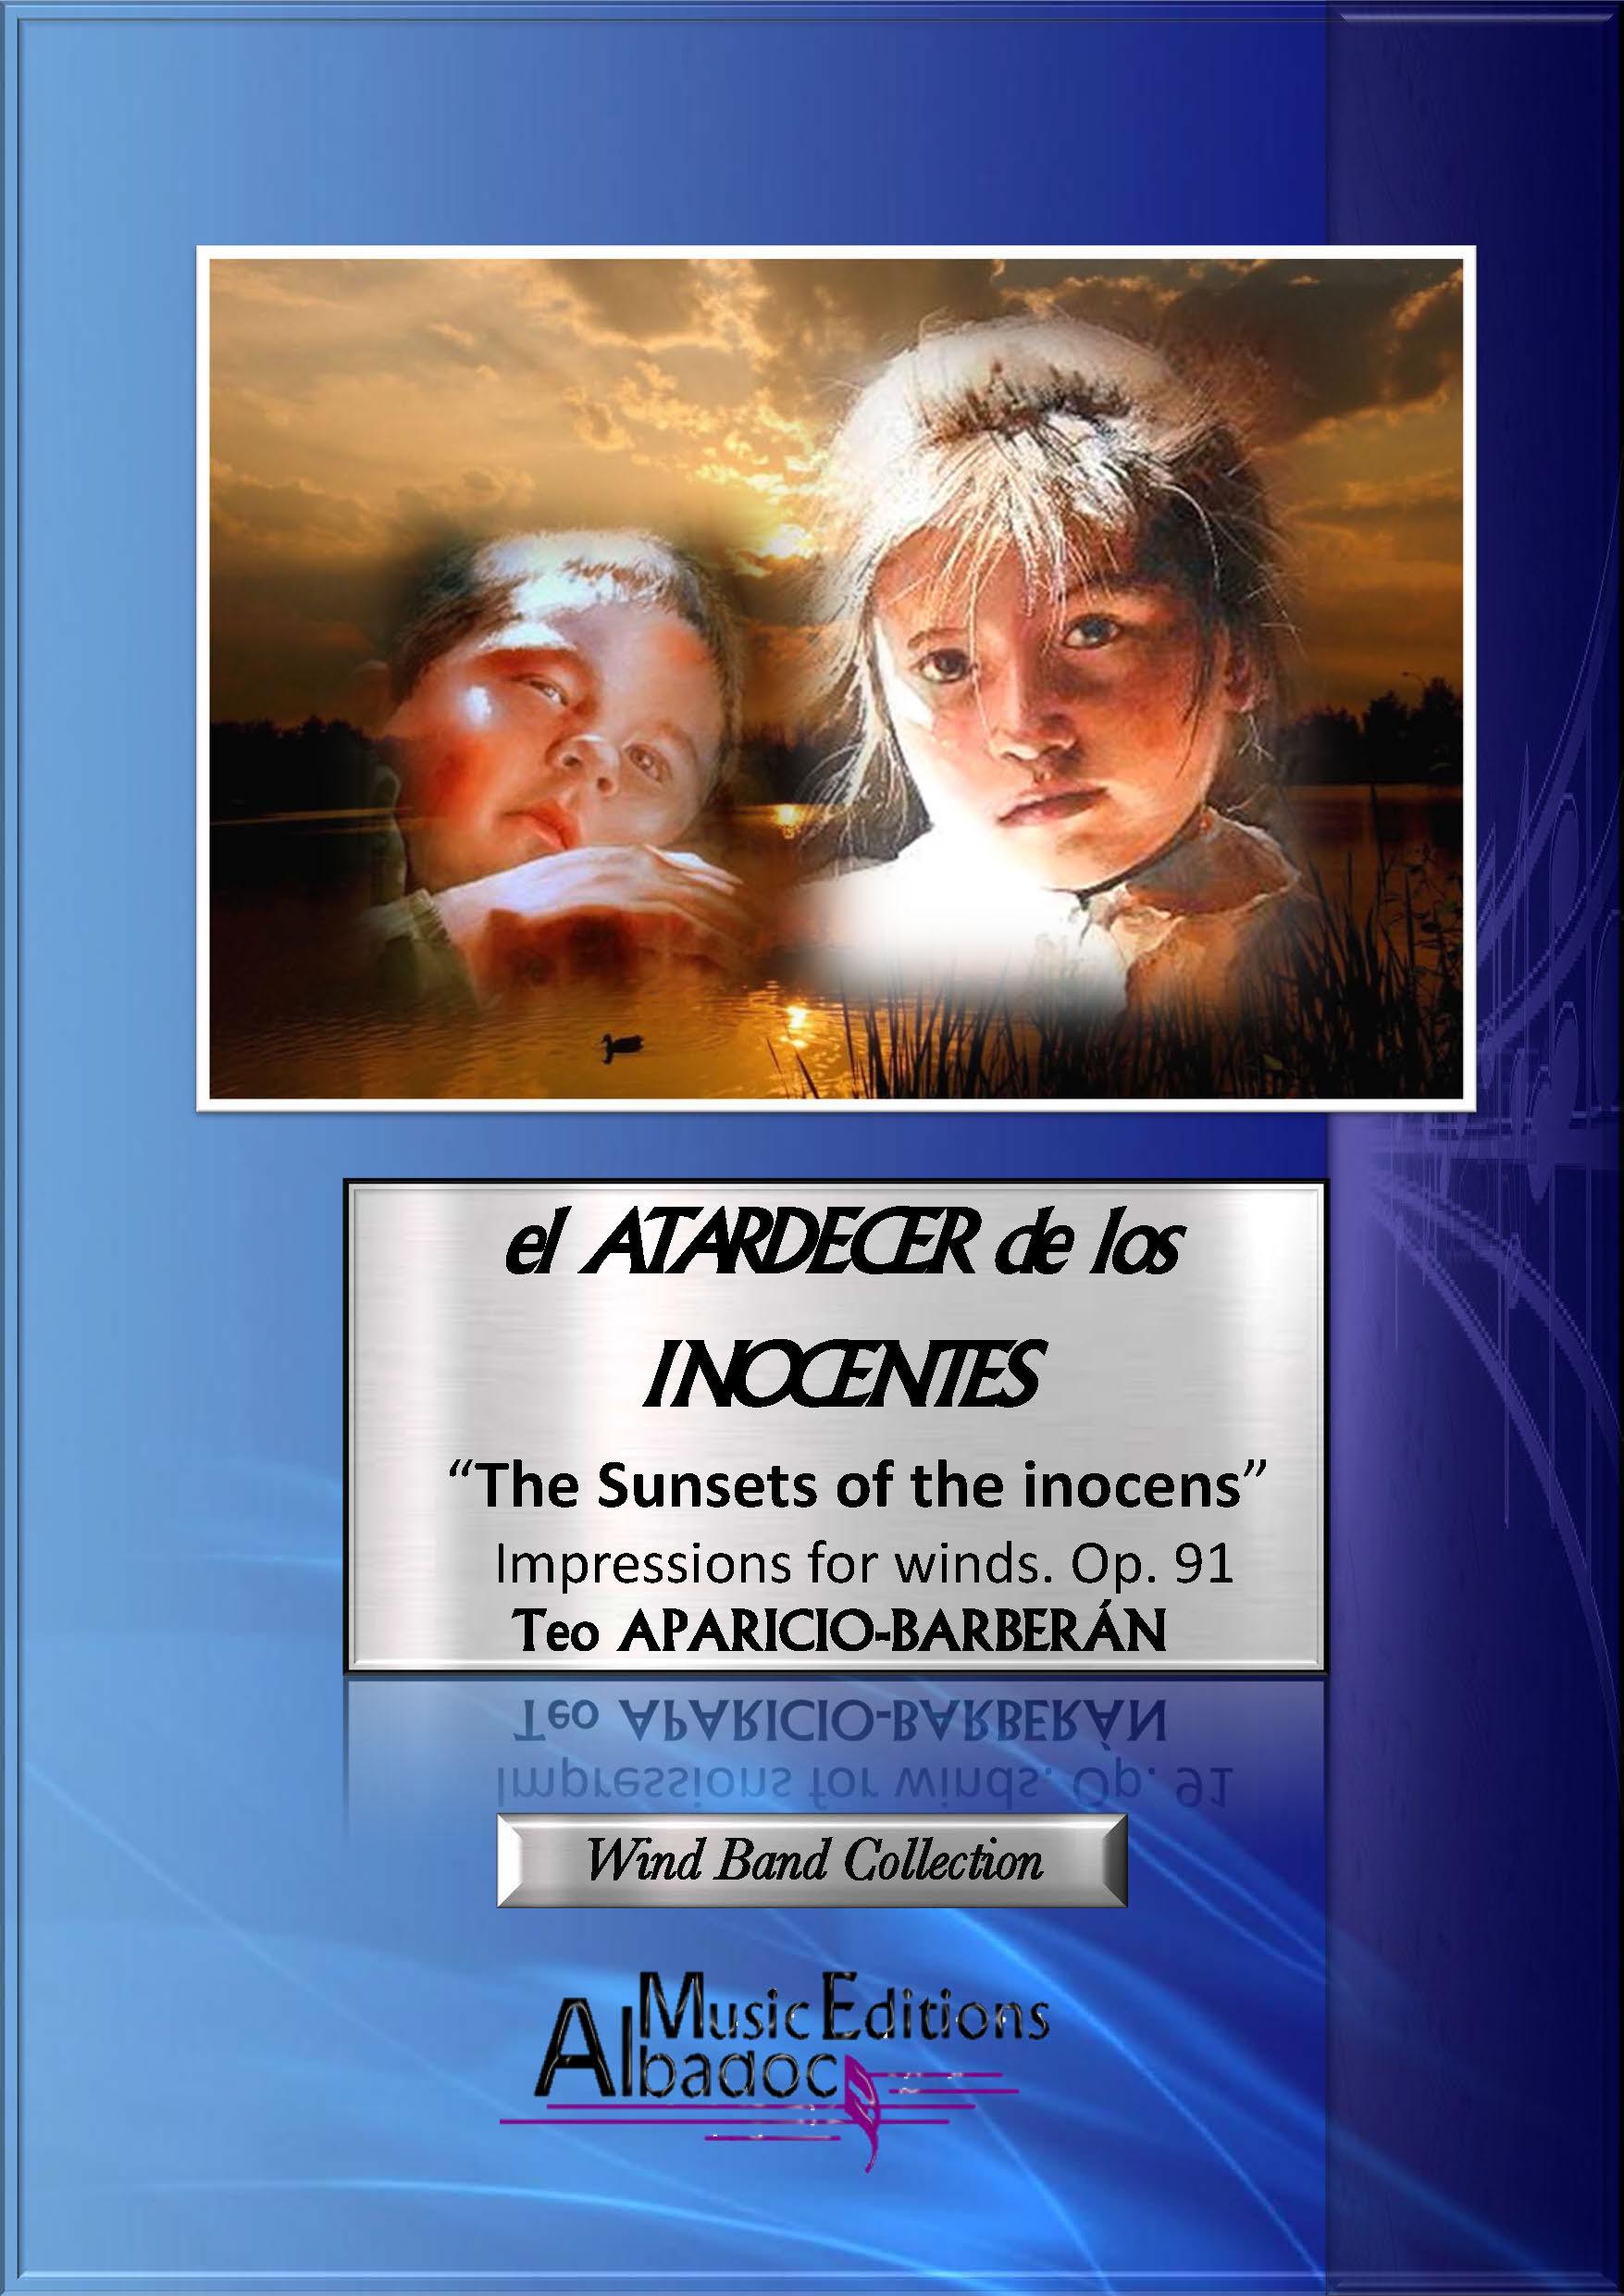 El atardecer de los inocentes (Score)